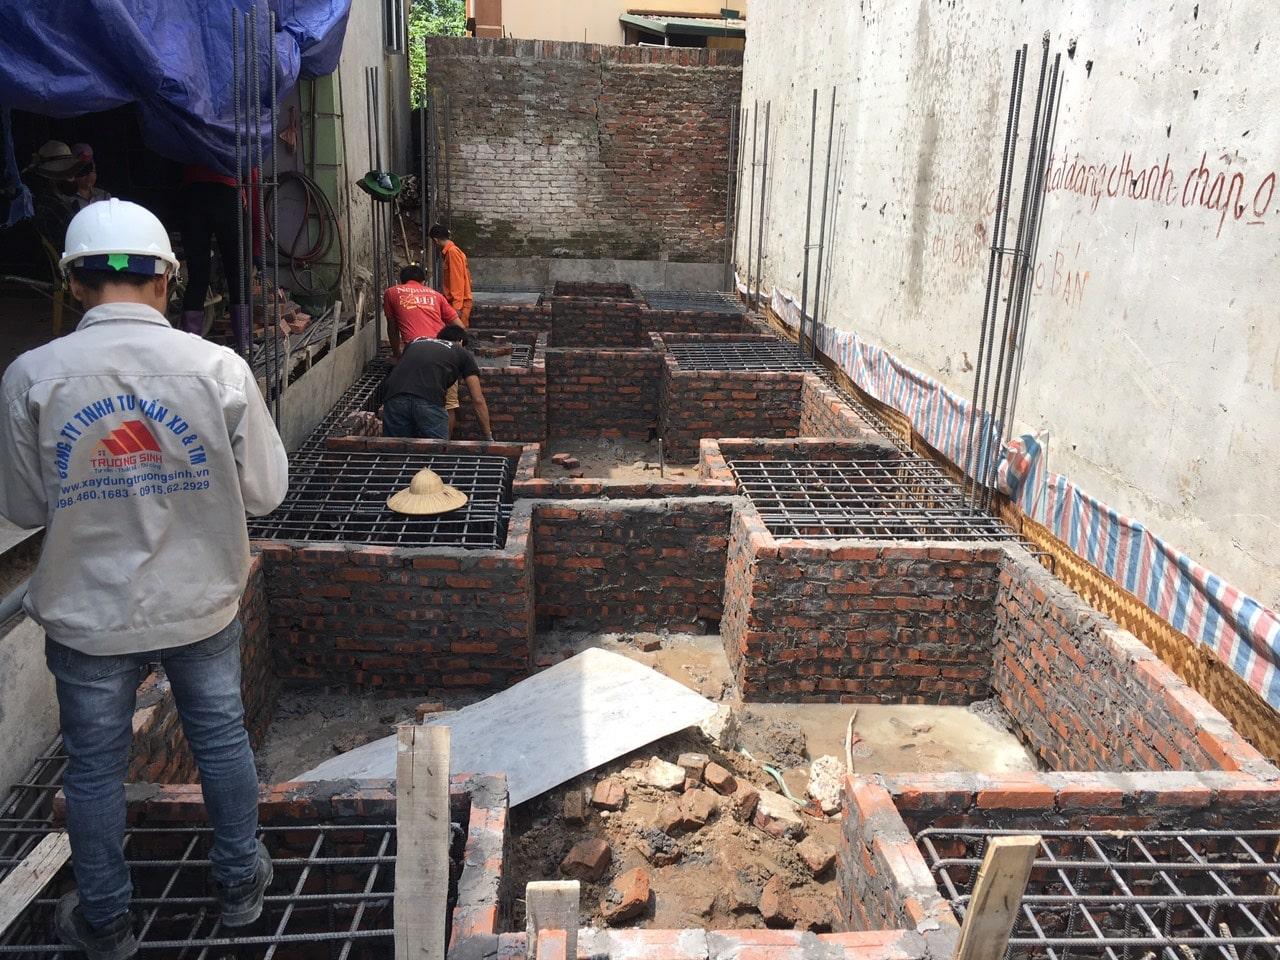 Báo giá xây nhà trọn gói tại Hà Nội năm 2020   Miễn phí thiết kế  